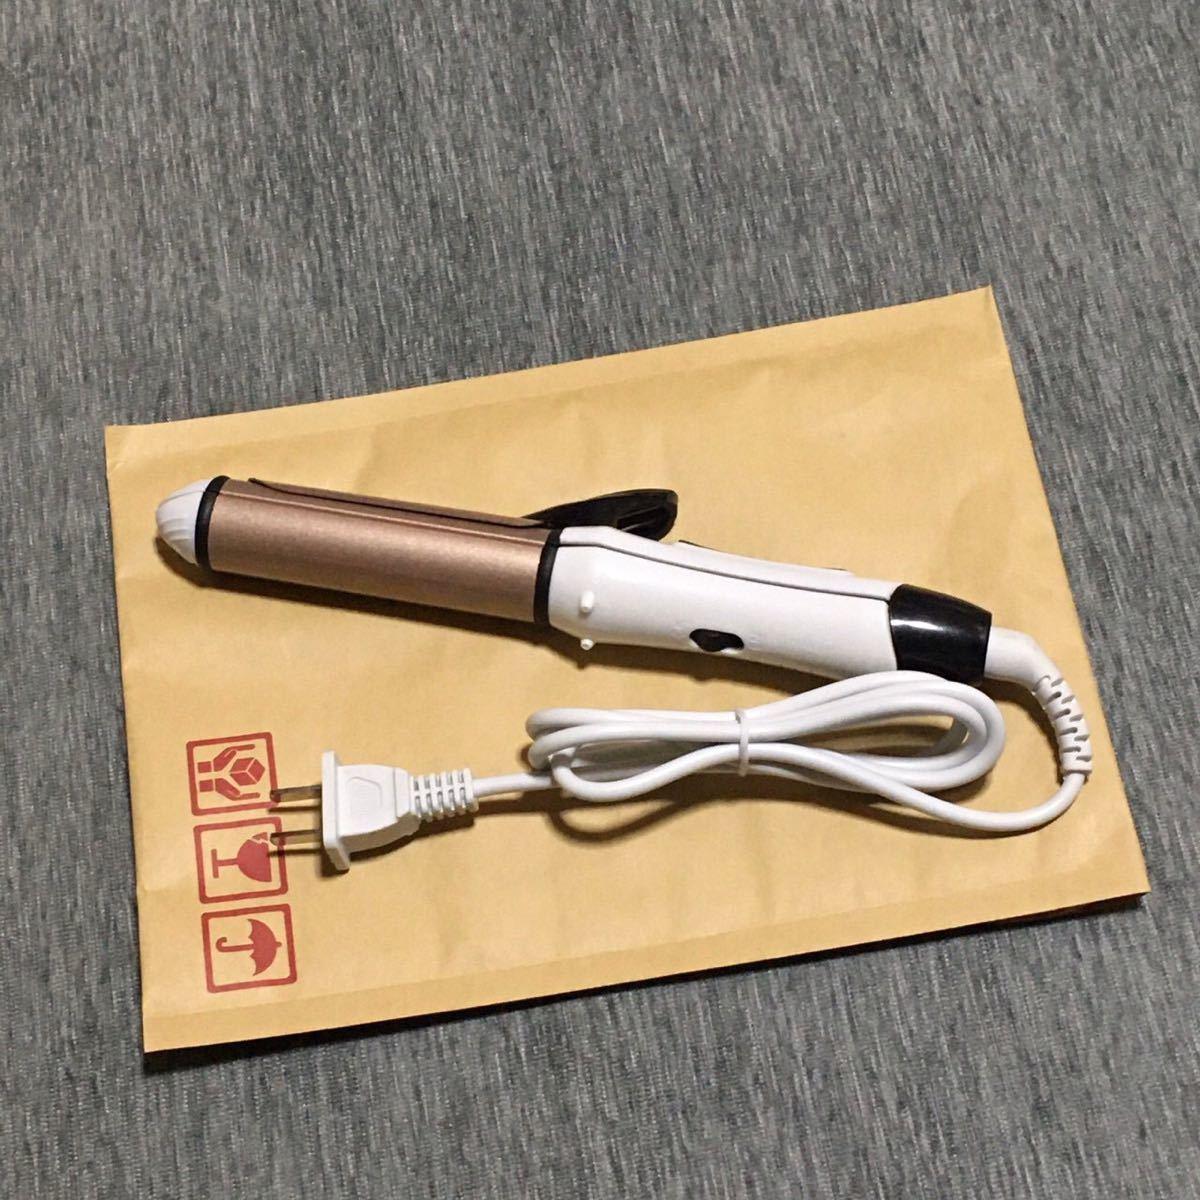 【新品】ヘアアイロン ストレート カール 2way 26mm コテ 速暖